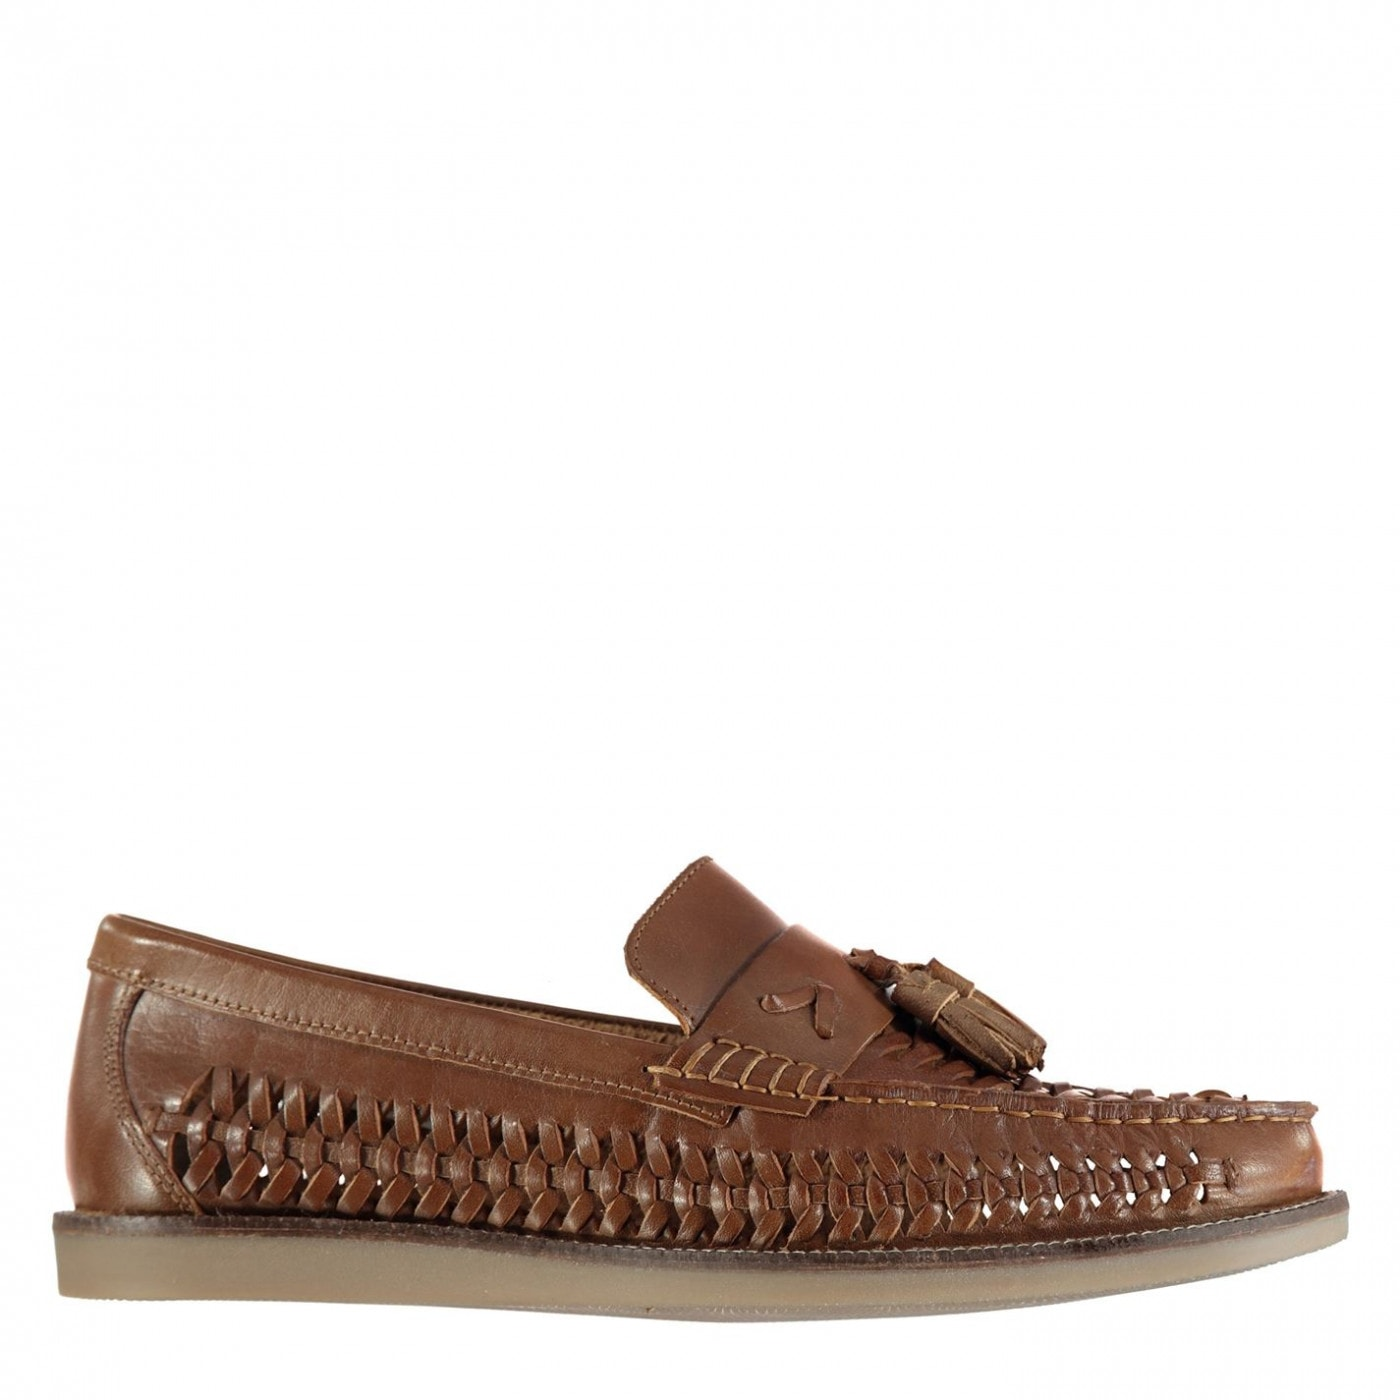 Men's loafers Firetrap Marrone Woven